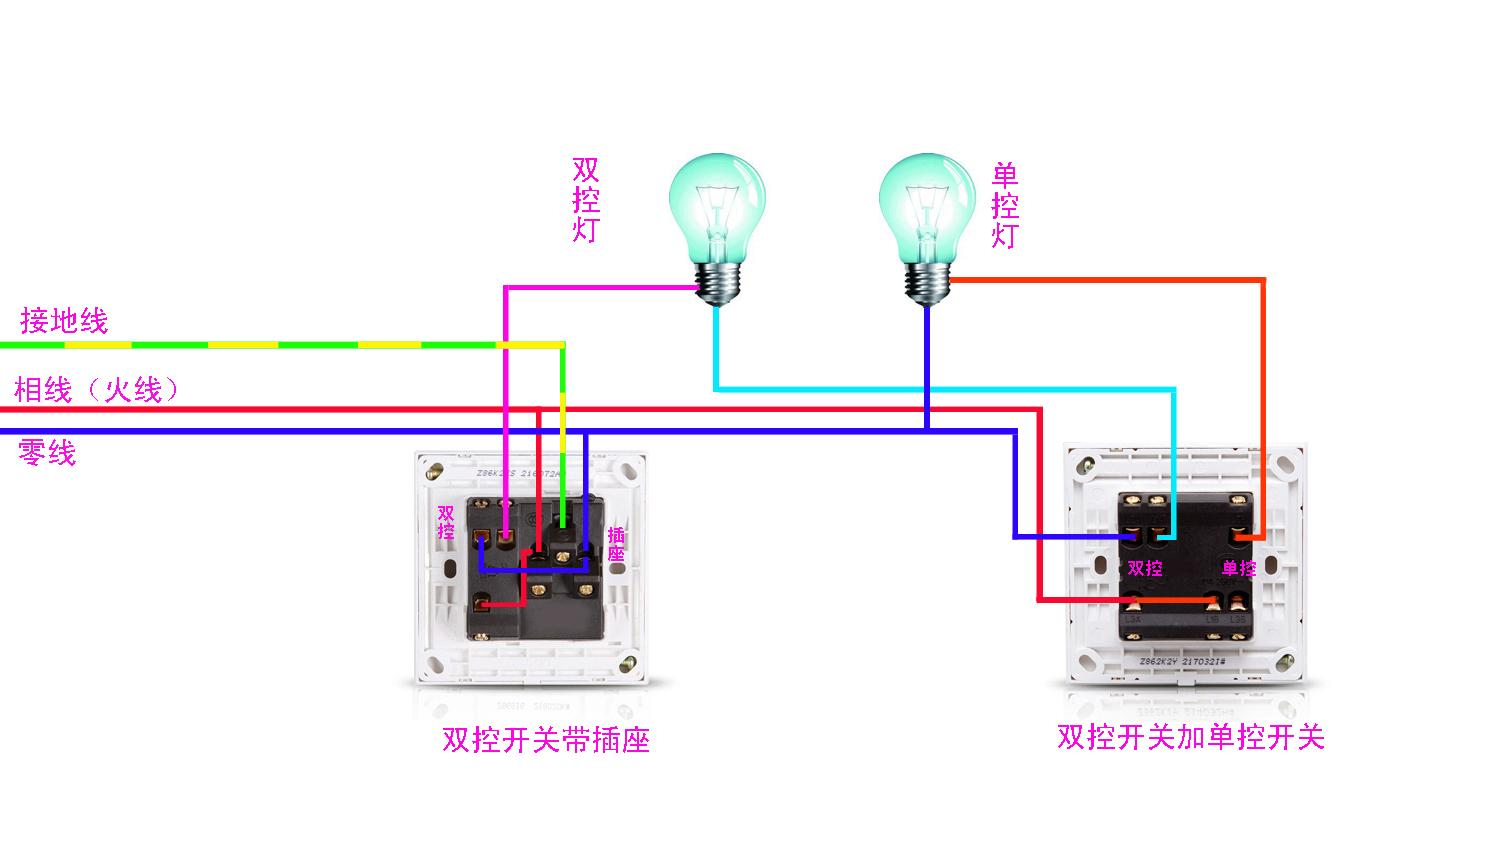 一开双控带五孔插座开关接二开双控开关线路应该怎样接?